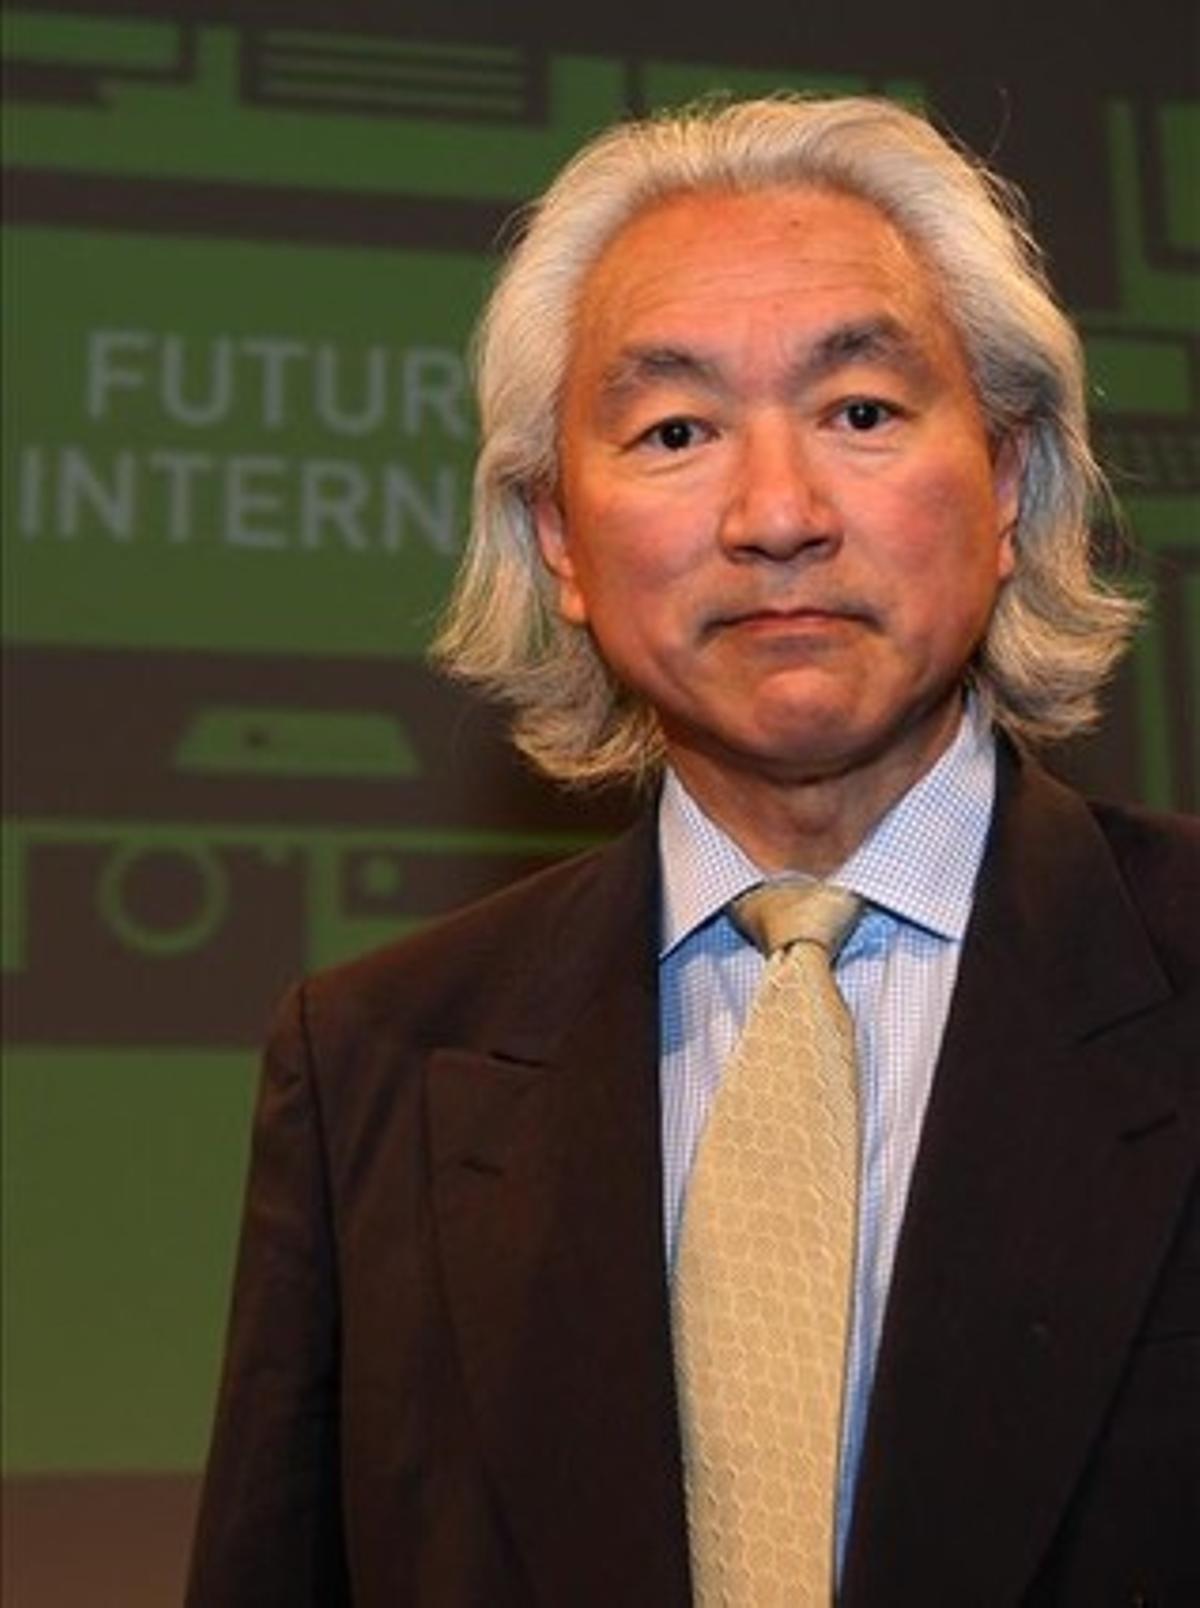 El físico y divulgador científico estadounidense Michio Kaku.